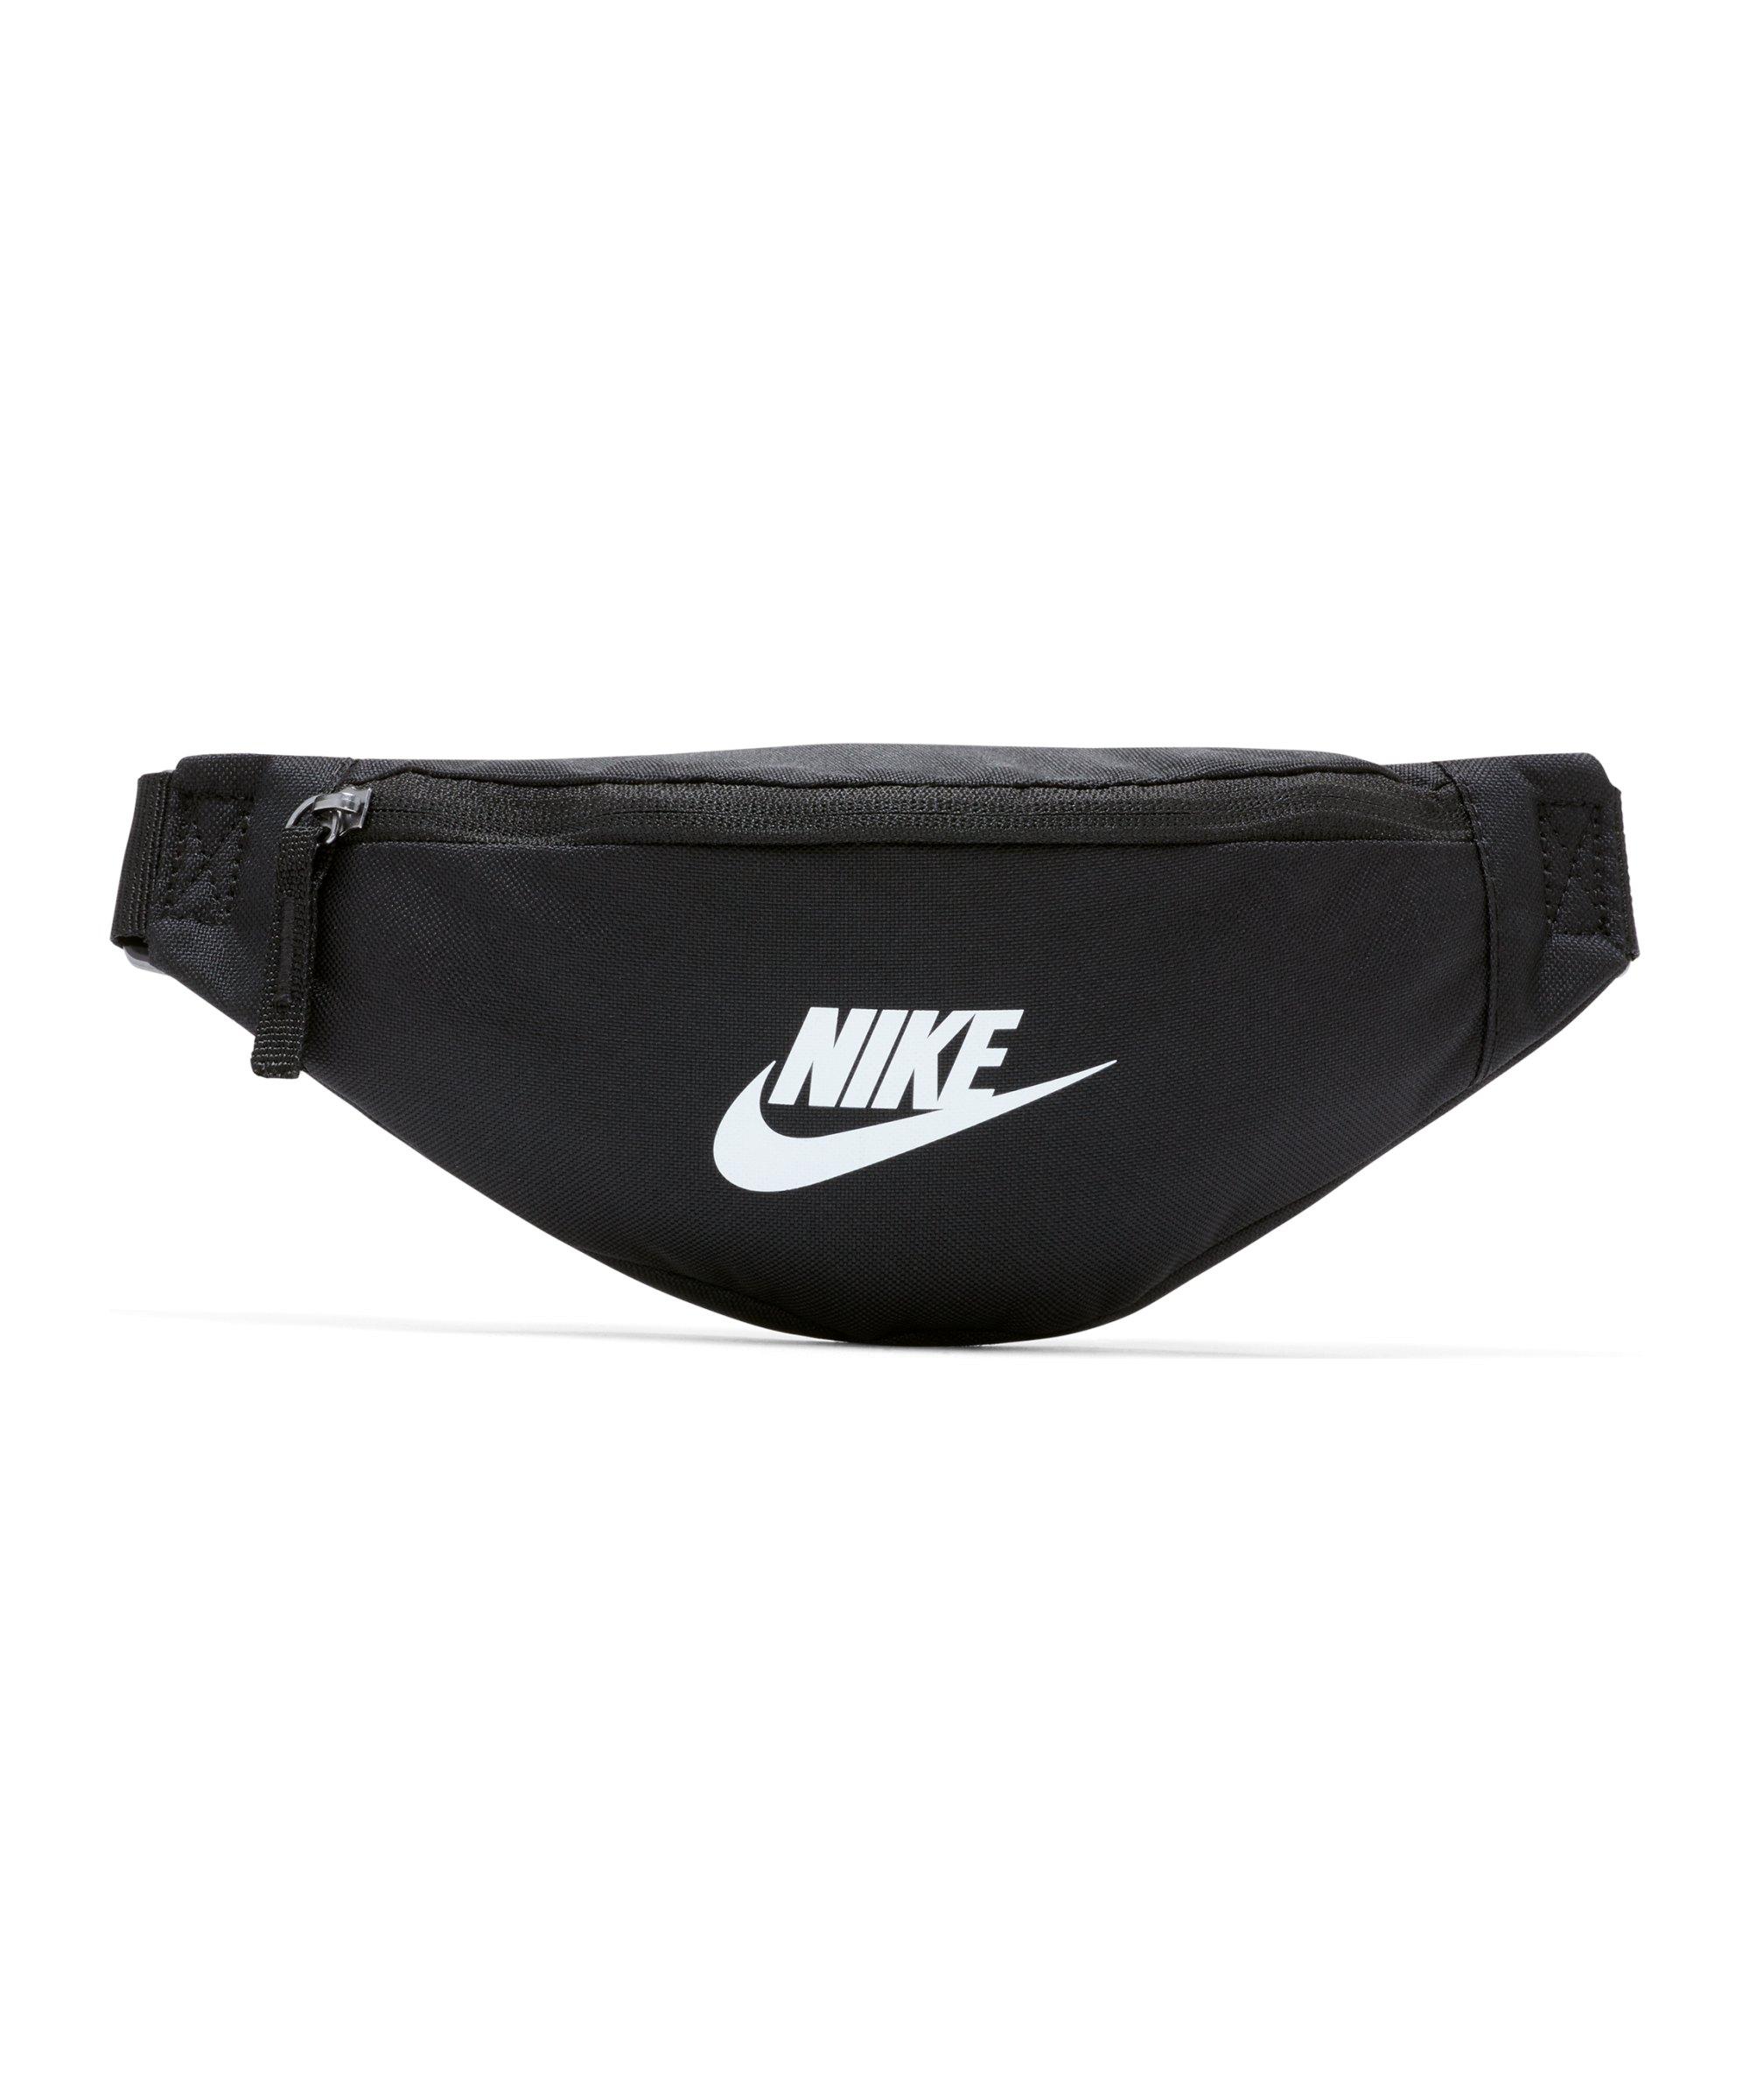 Nike Heritage Hüfttasche Schwarz Weiss F010 - schwarz